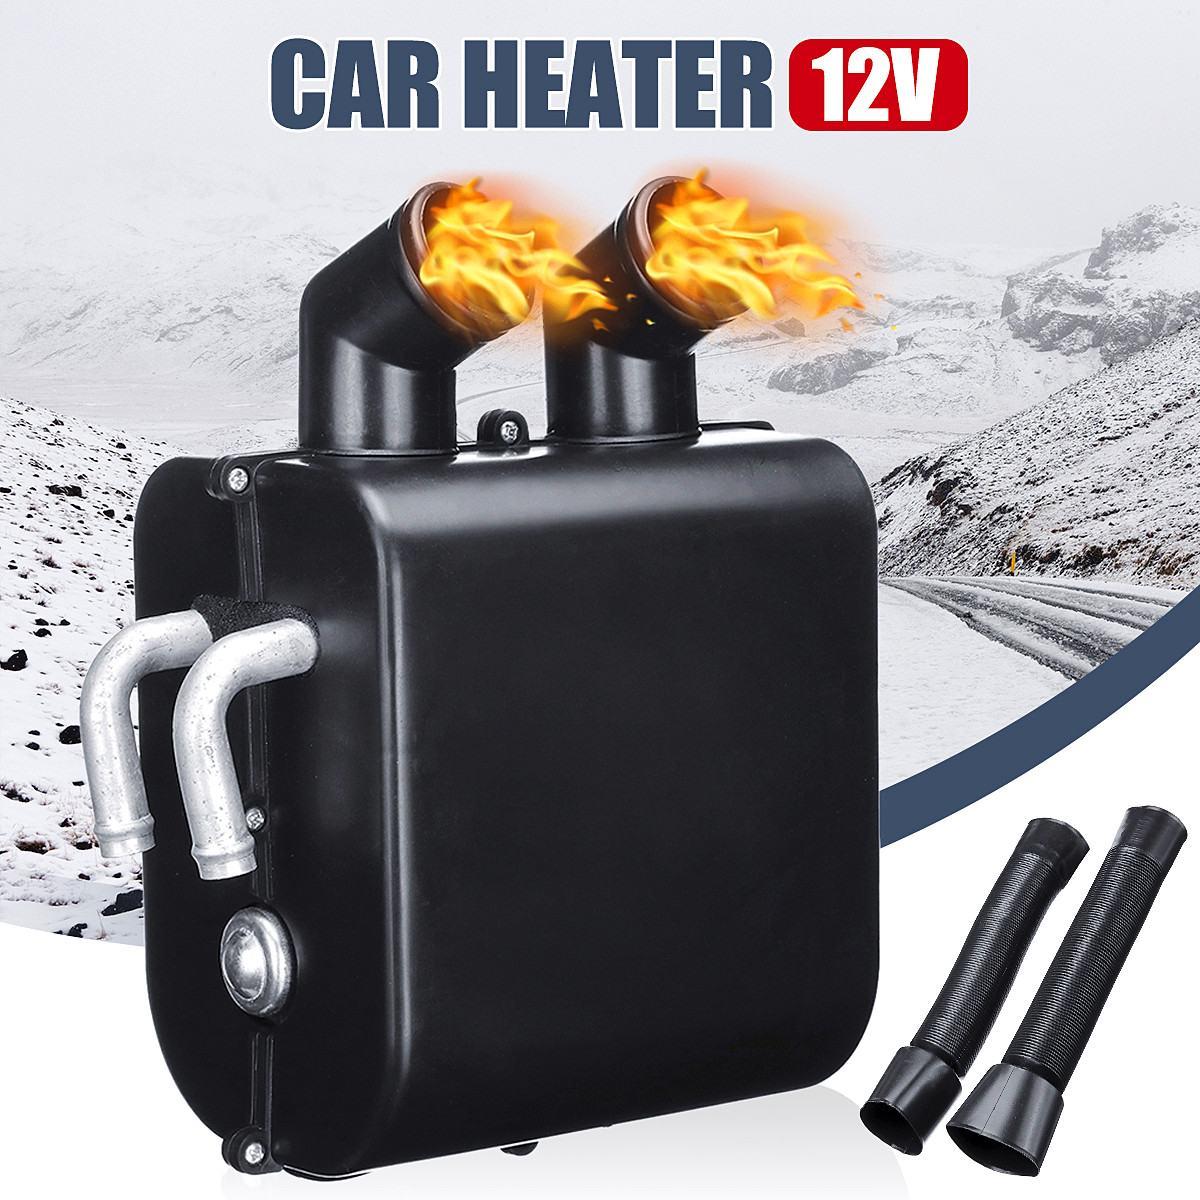 12 V Portable Auto radiateur de voiture Chauffage Dégivreur radiateur soufflant électrique Chauffage Pare-Brise Dégivreur antibuée Hiver appareils